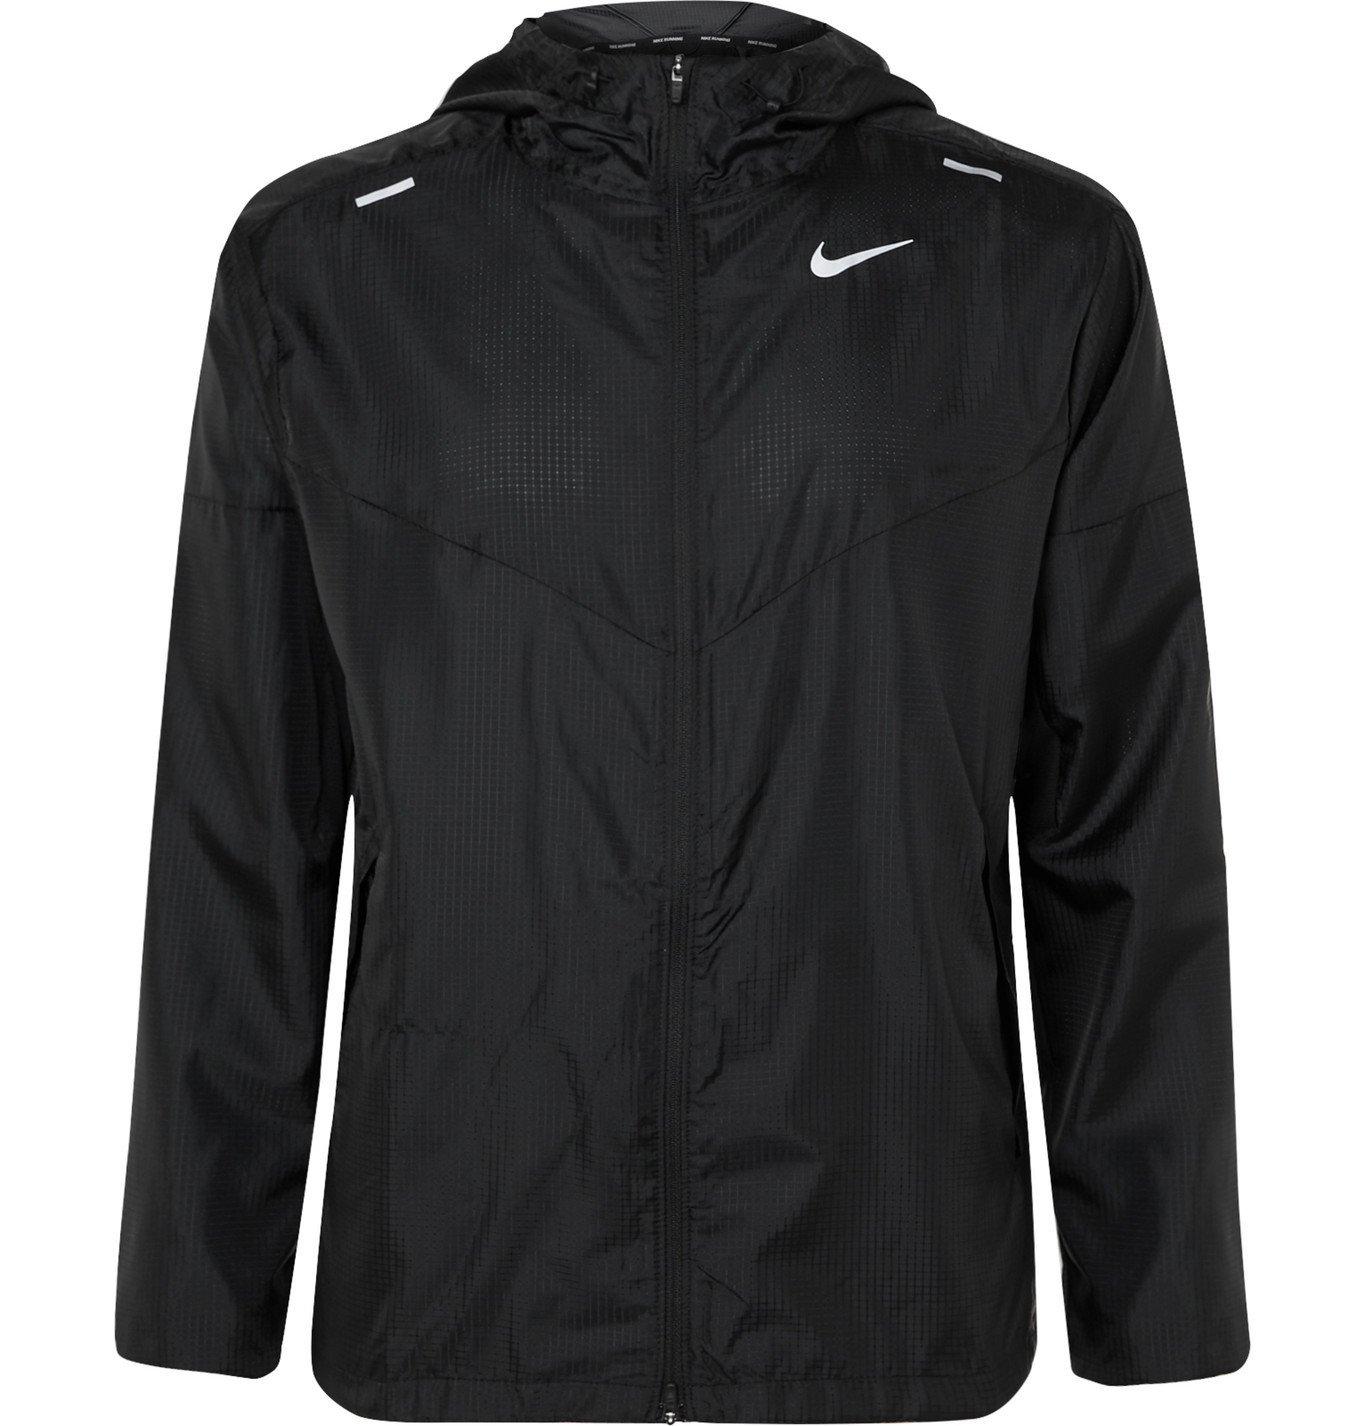 Nike Running - Windrunner Logo-Print Shell Hooded Jacket - Black